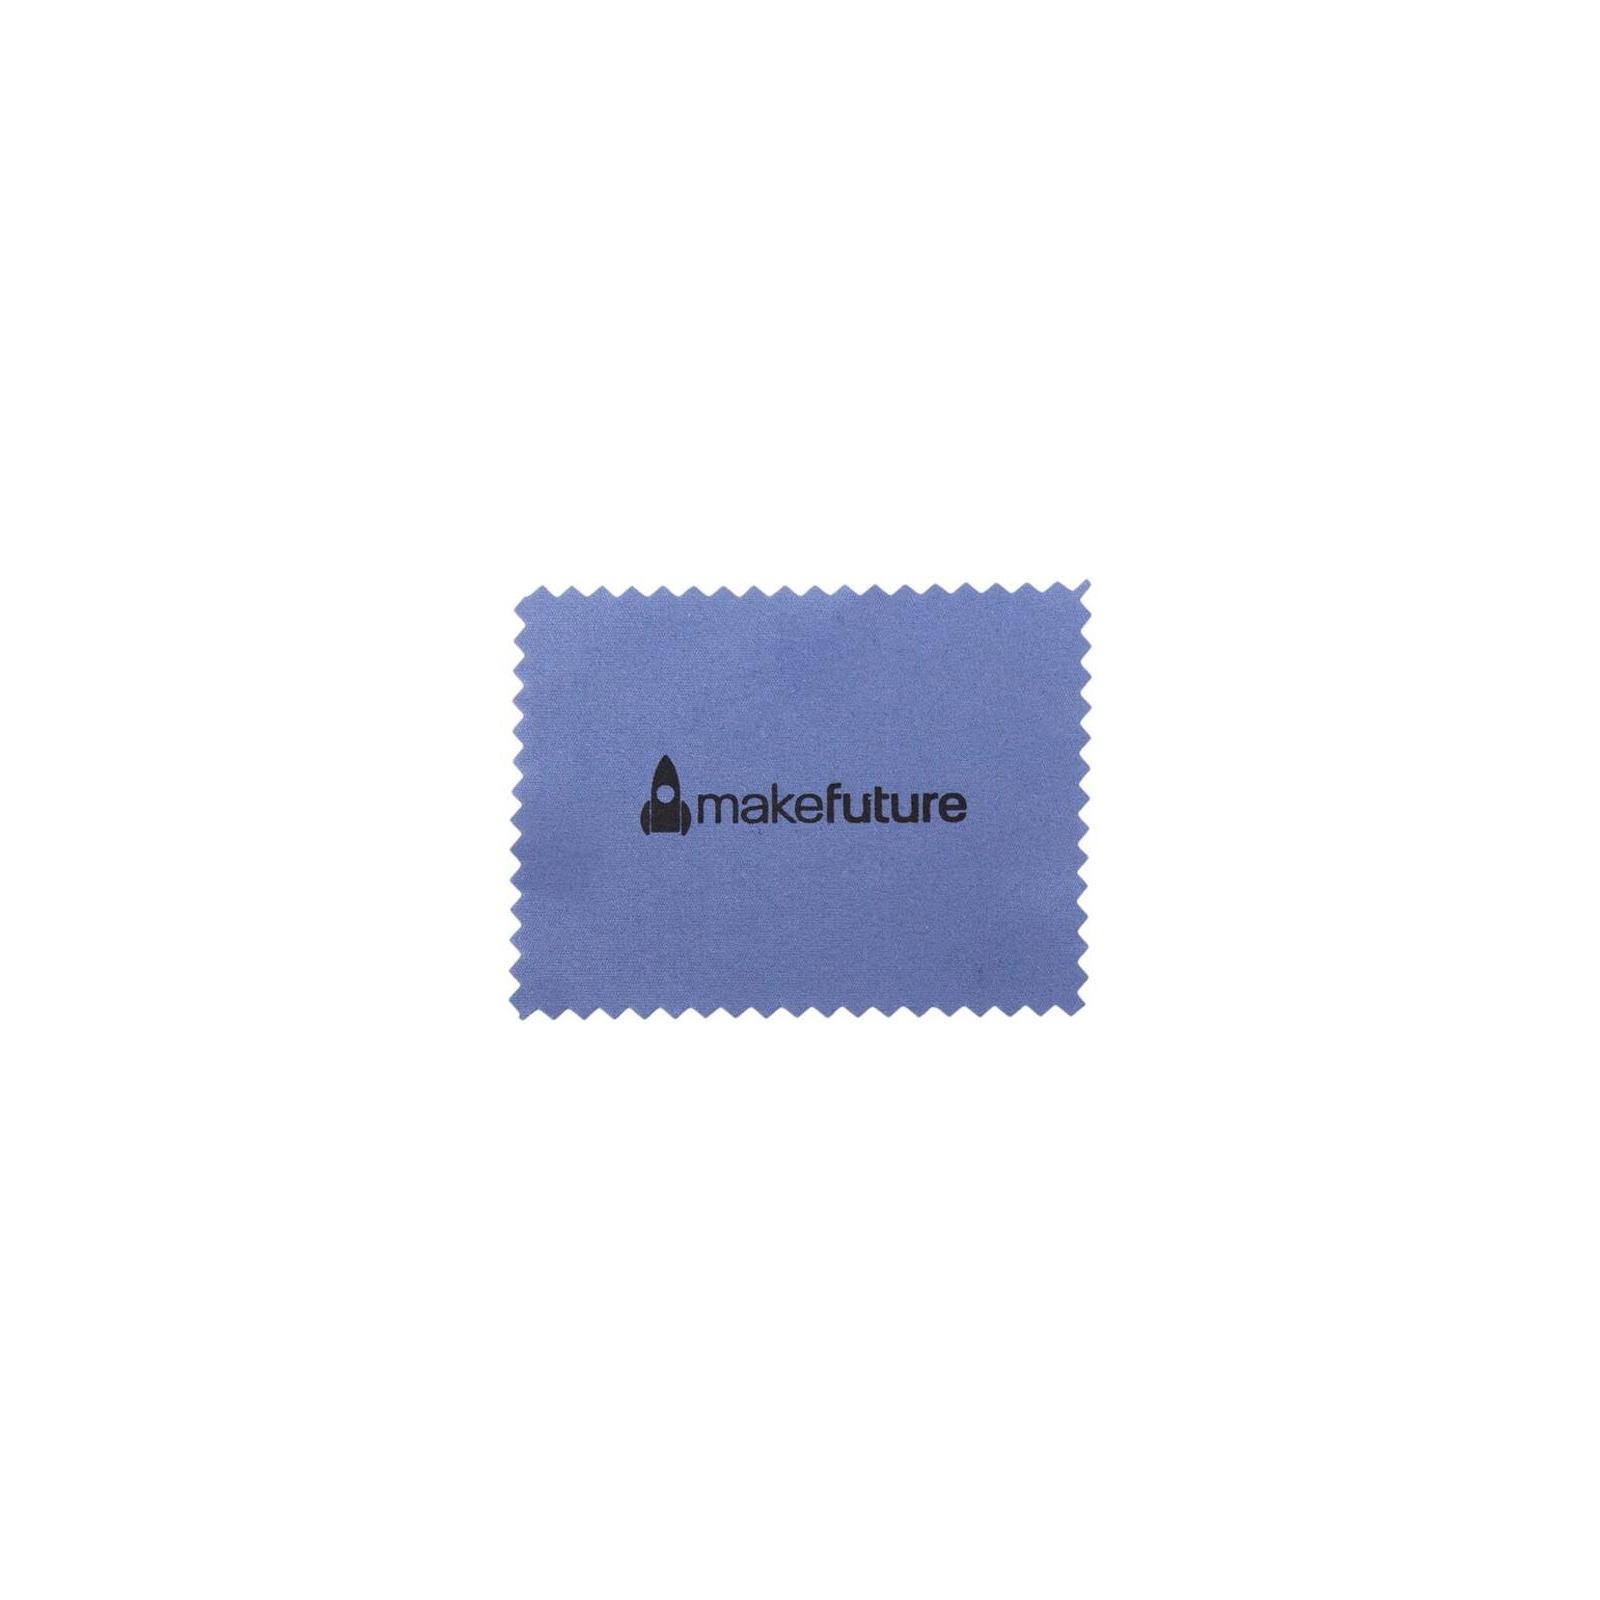 Стекло защитное MakeFuture для Honor 7A White Full Cover Full Glue (MGFCFG-H7AW) изображение 3